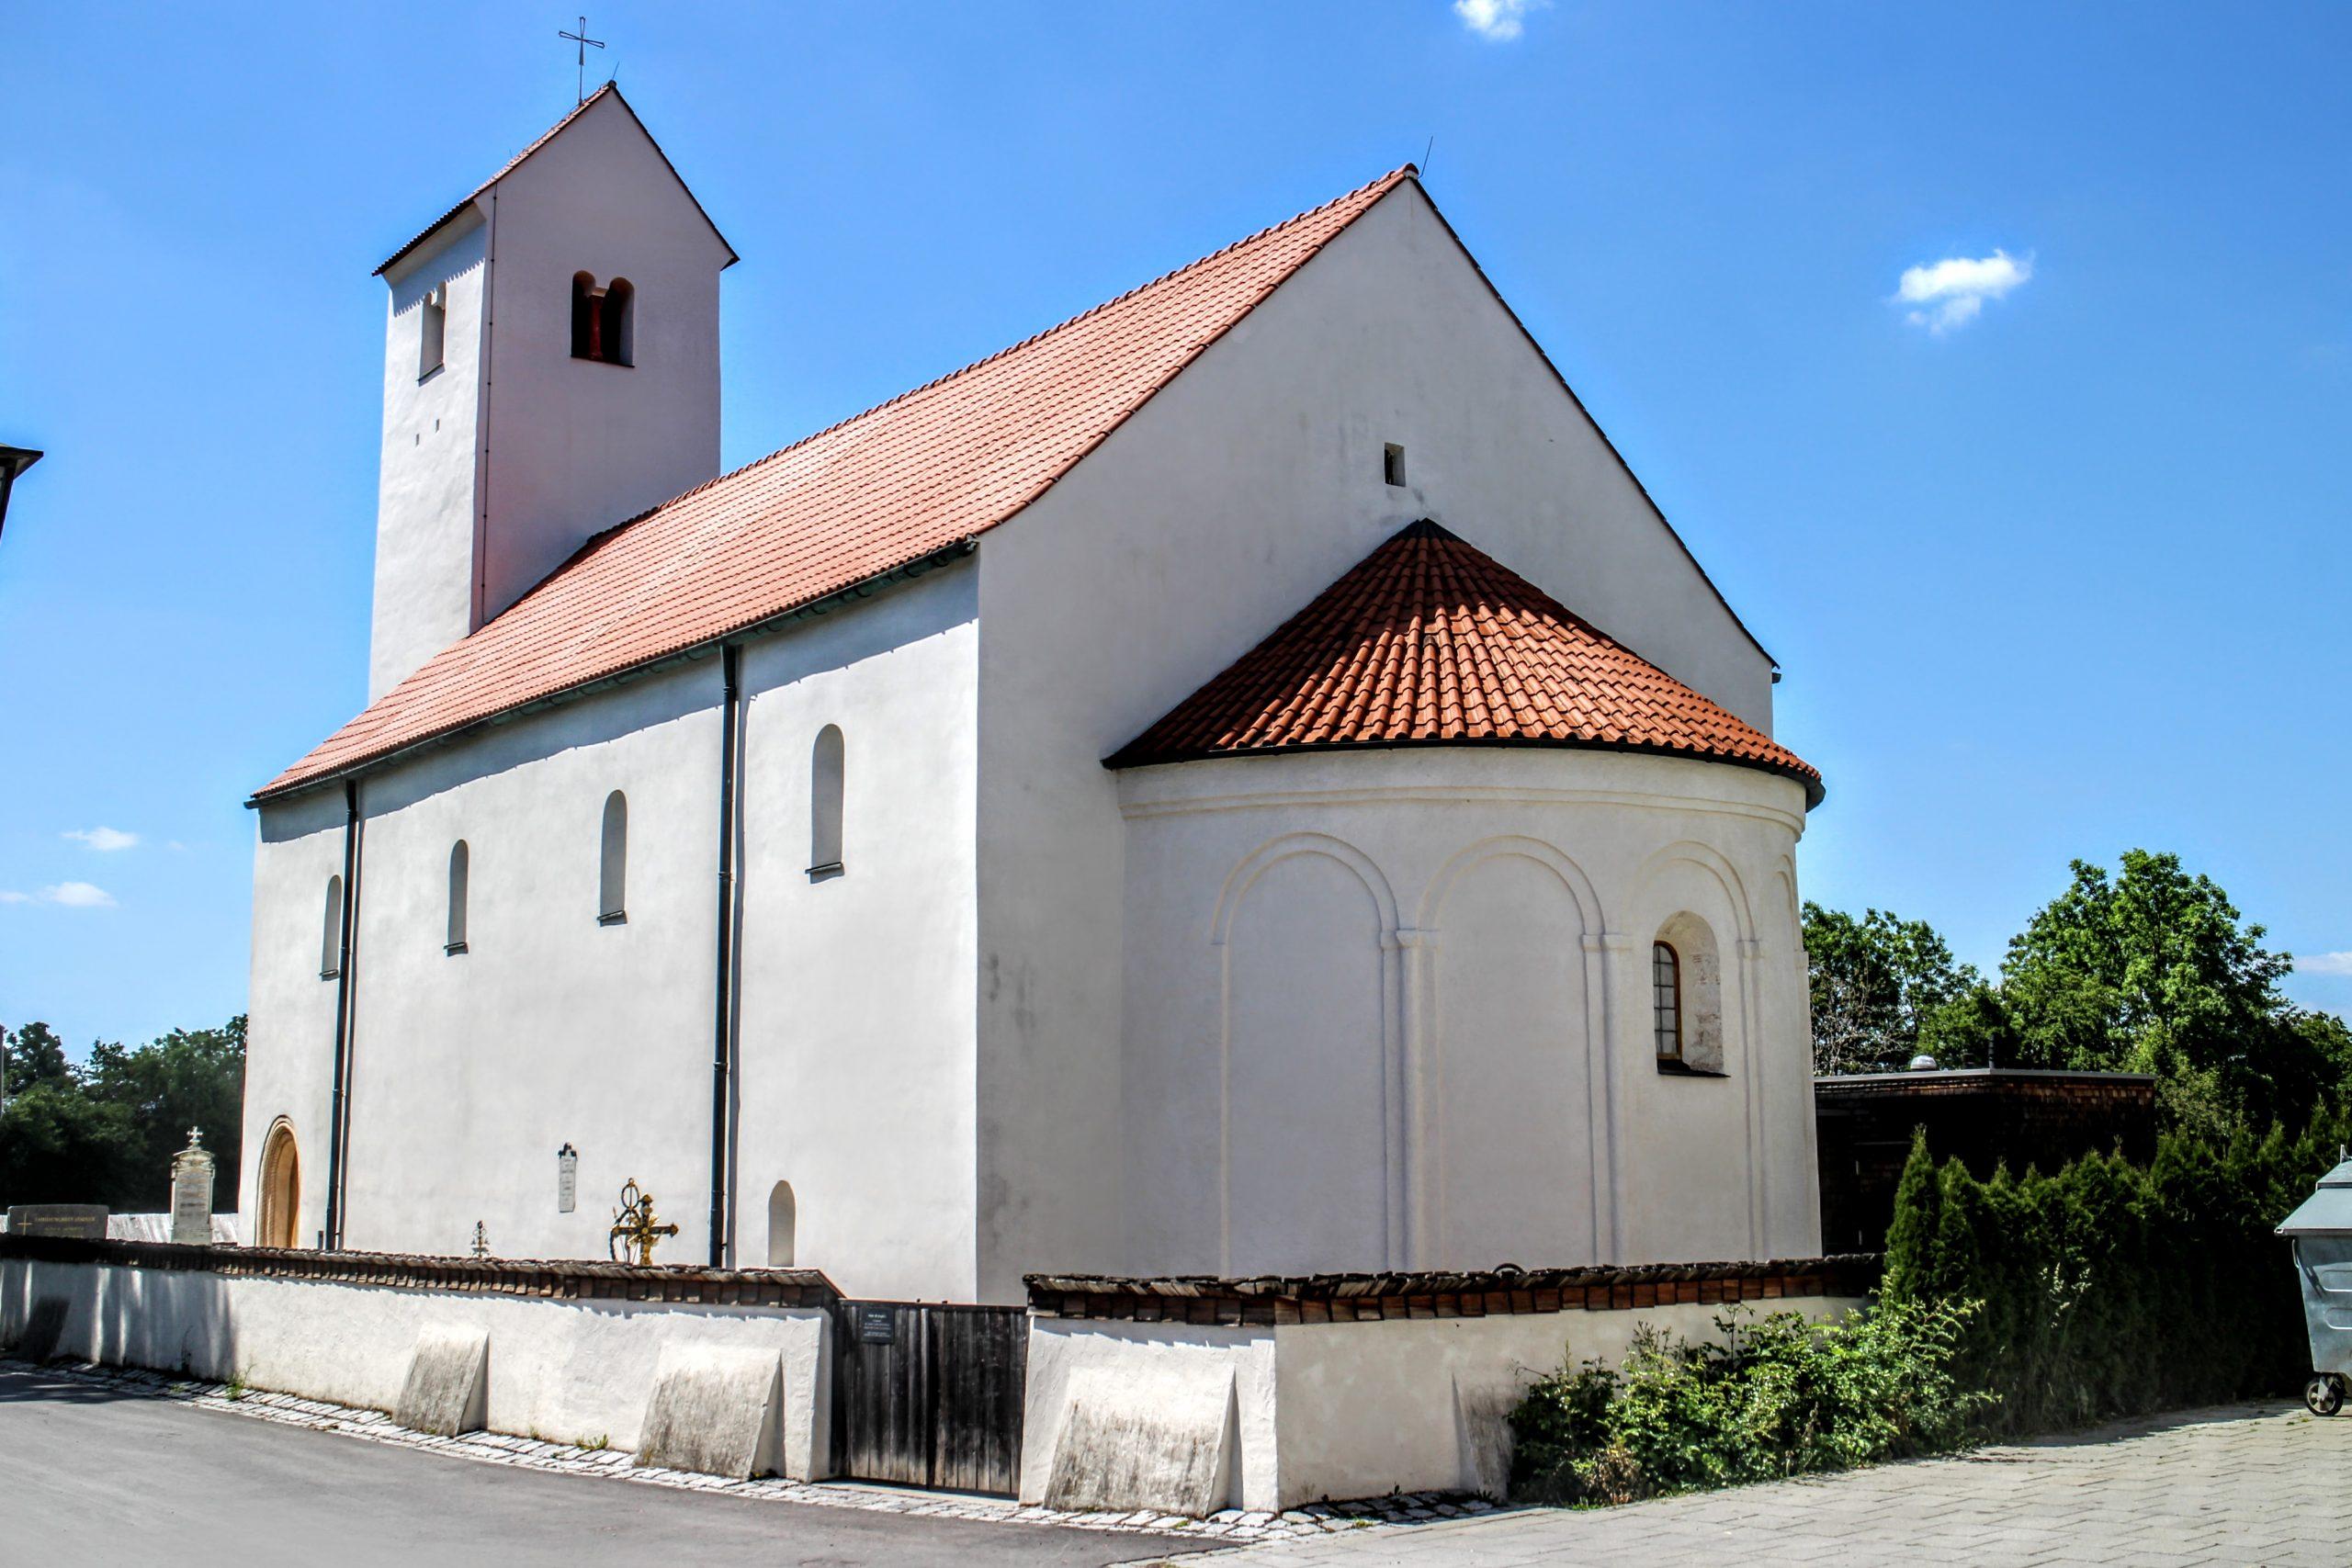 Sankt Aegidius Keferloh